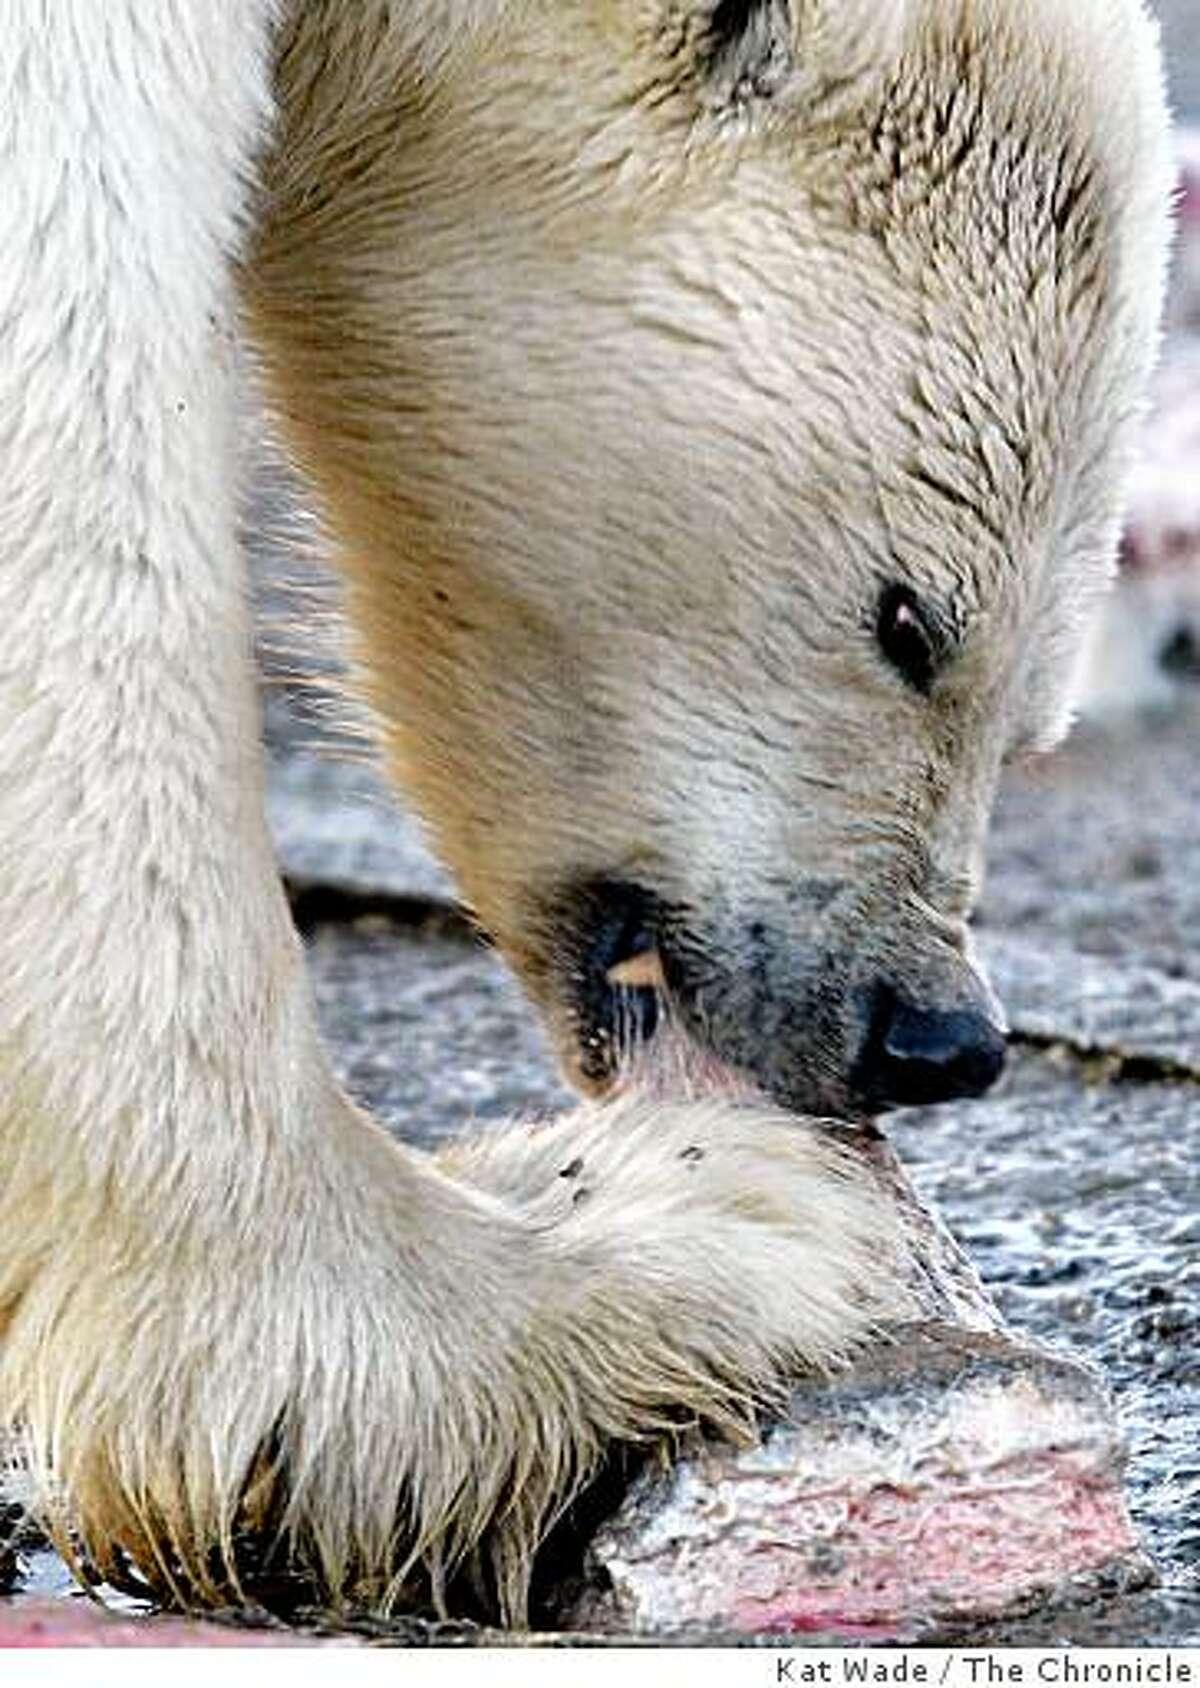 A polar bear feeds on leftover whale blubber in Kakovik, Alaska.